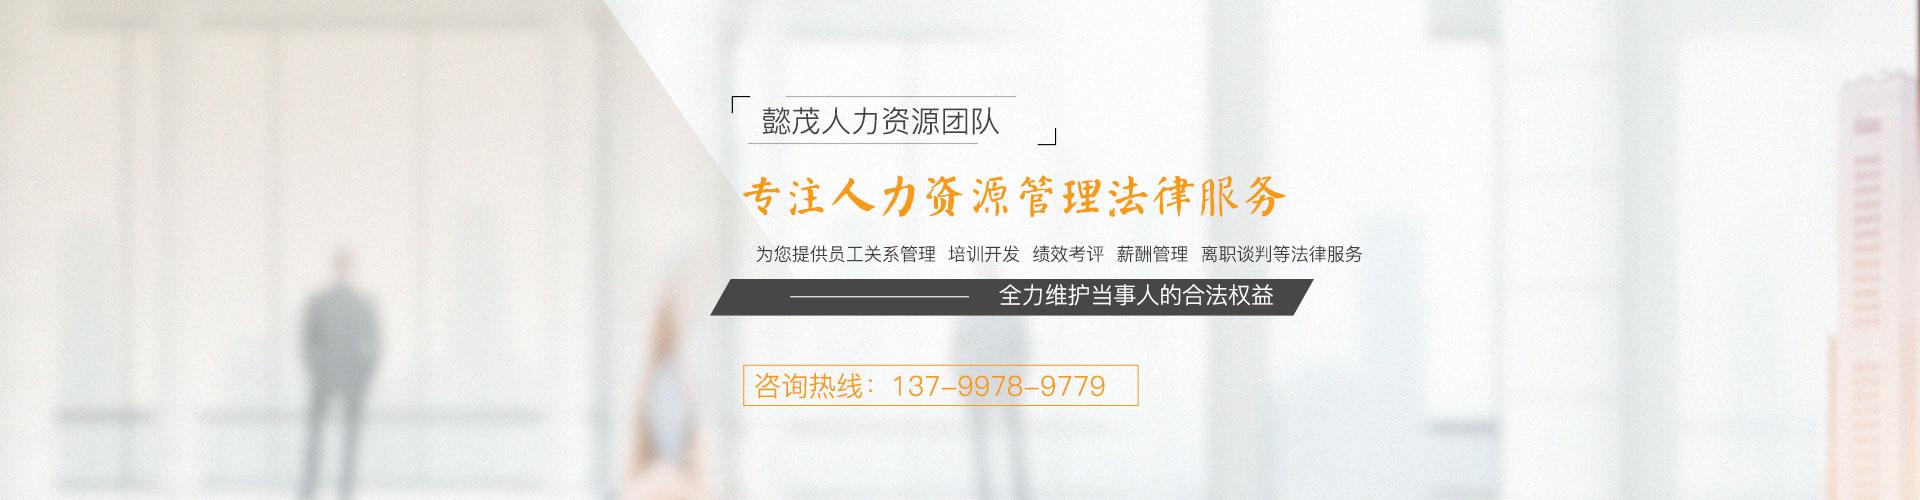 福建陈长钧律师